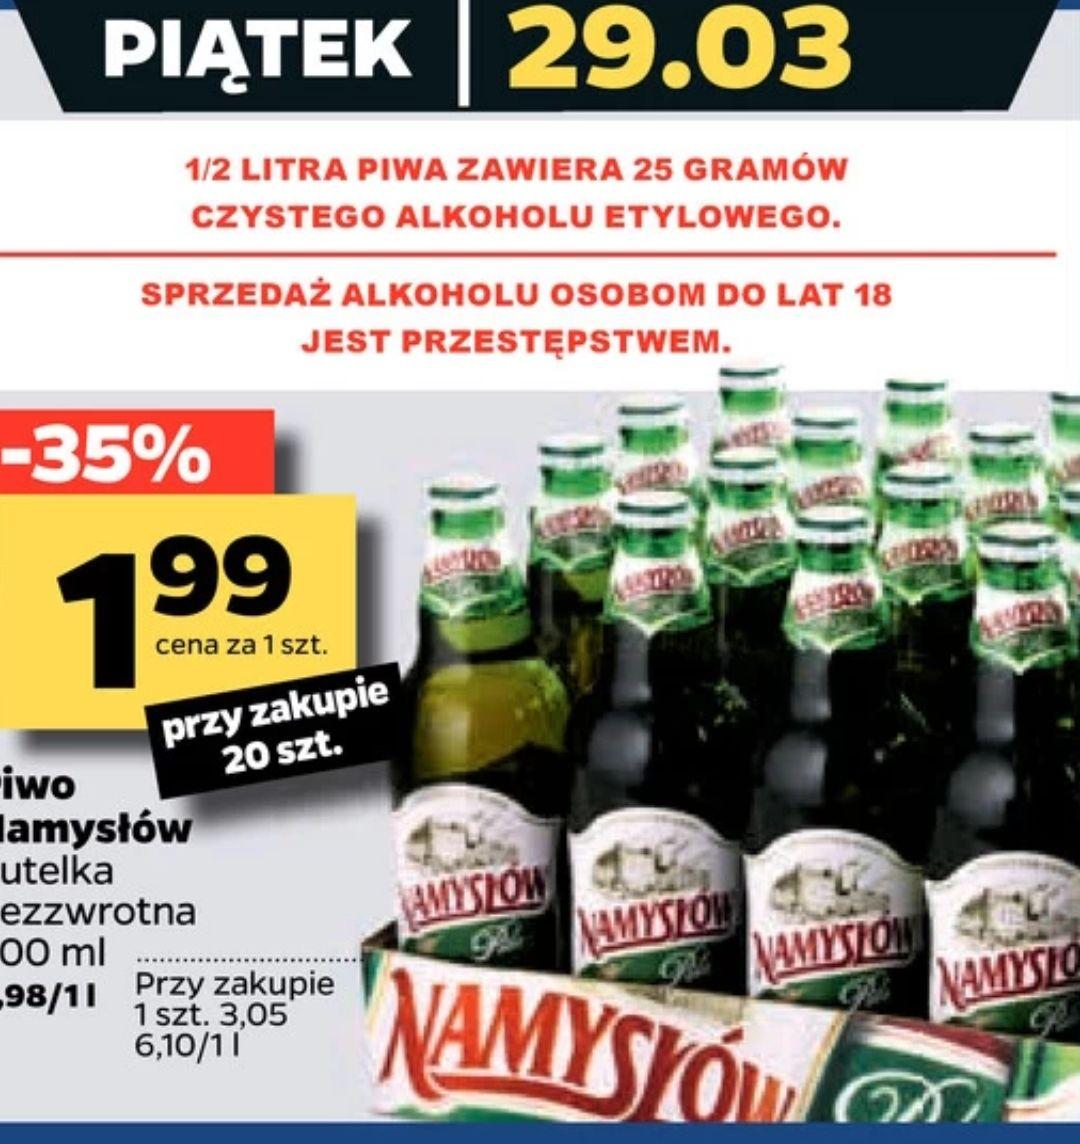 Piwo Namysłów 20x0.5L, tylko 29.03 @Netto